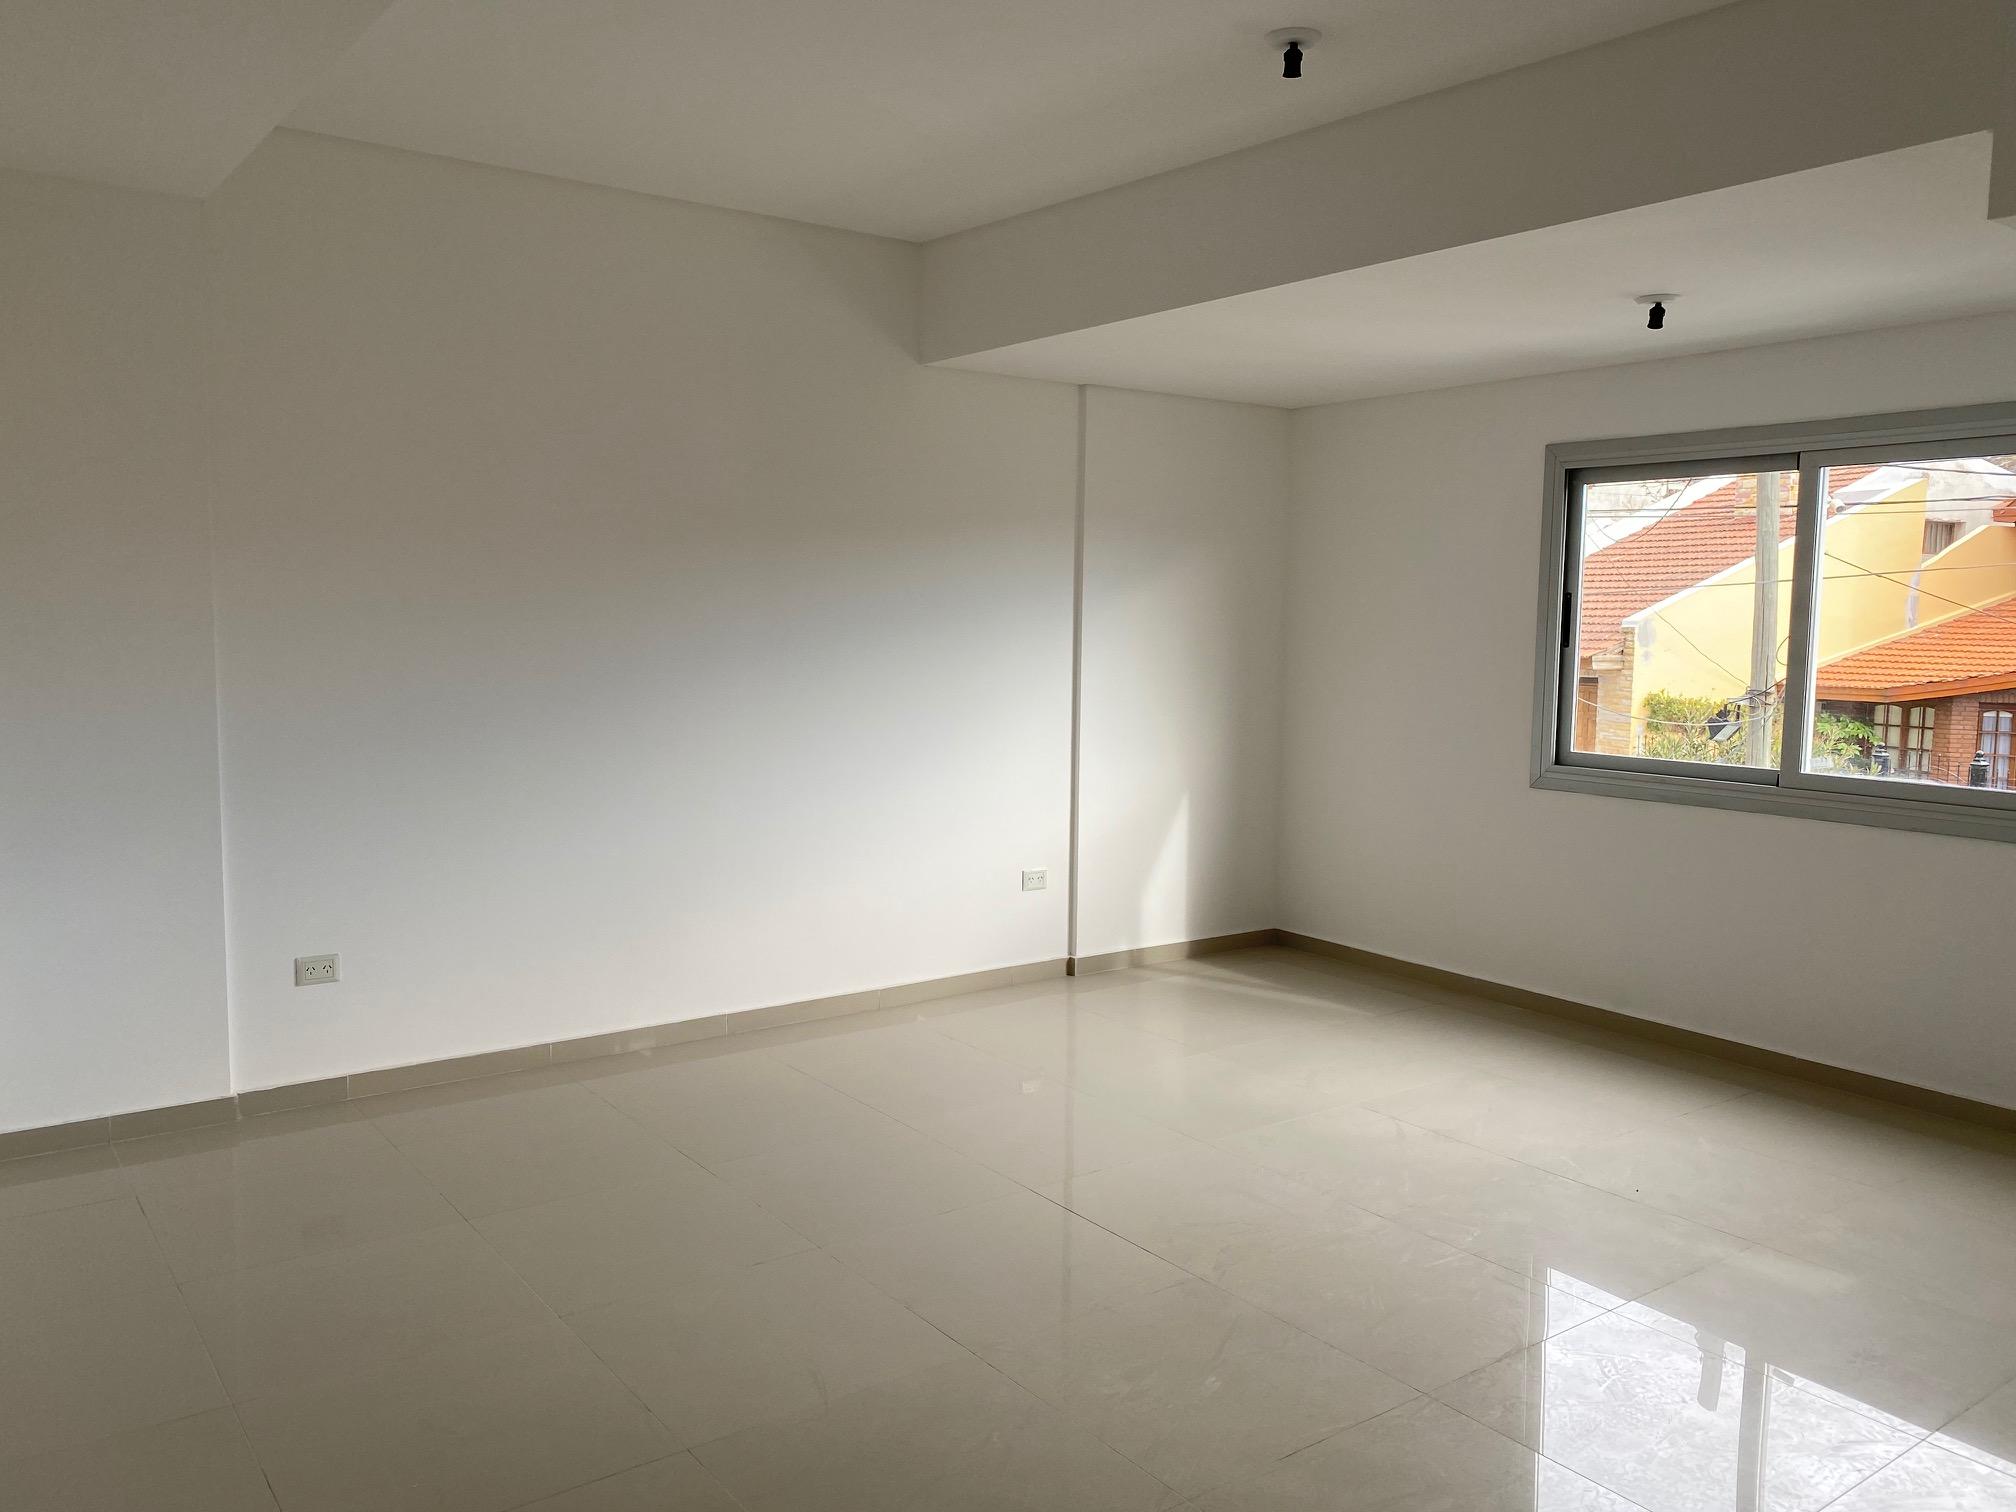 Venta Departamento de 1 dormitorio con cochera,  Edificio Elizabetta